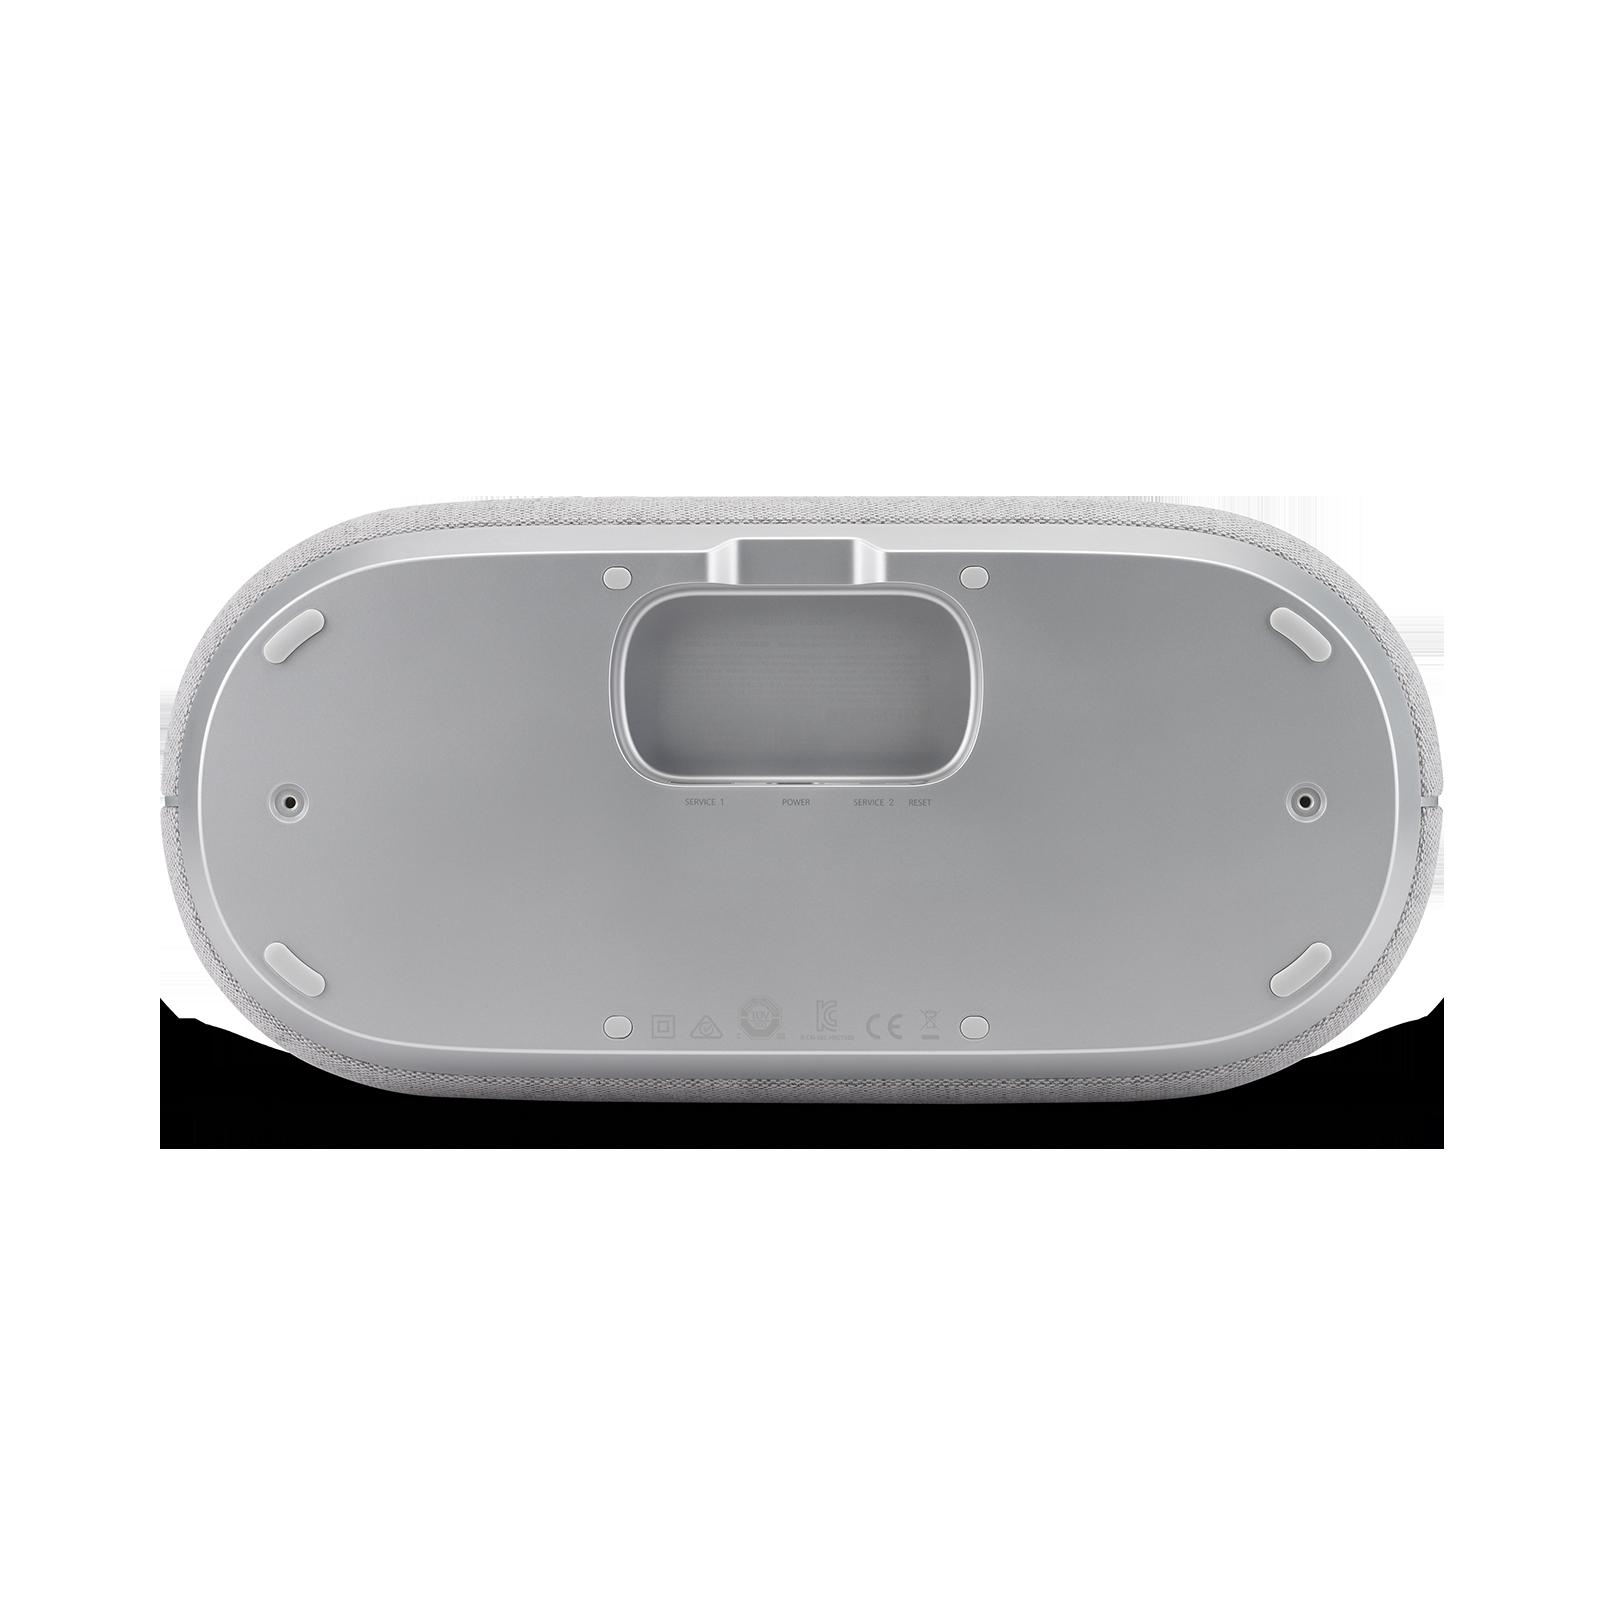 Harman Kardon Citation 500 - Grey - Large Tabletop Smart Home Loudspeaker System - Detailshot 2